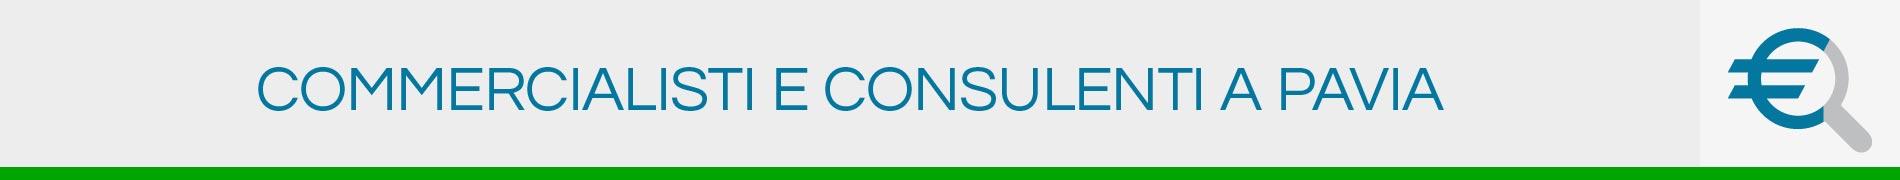 Commercialisti e Consulenti a Pavia